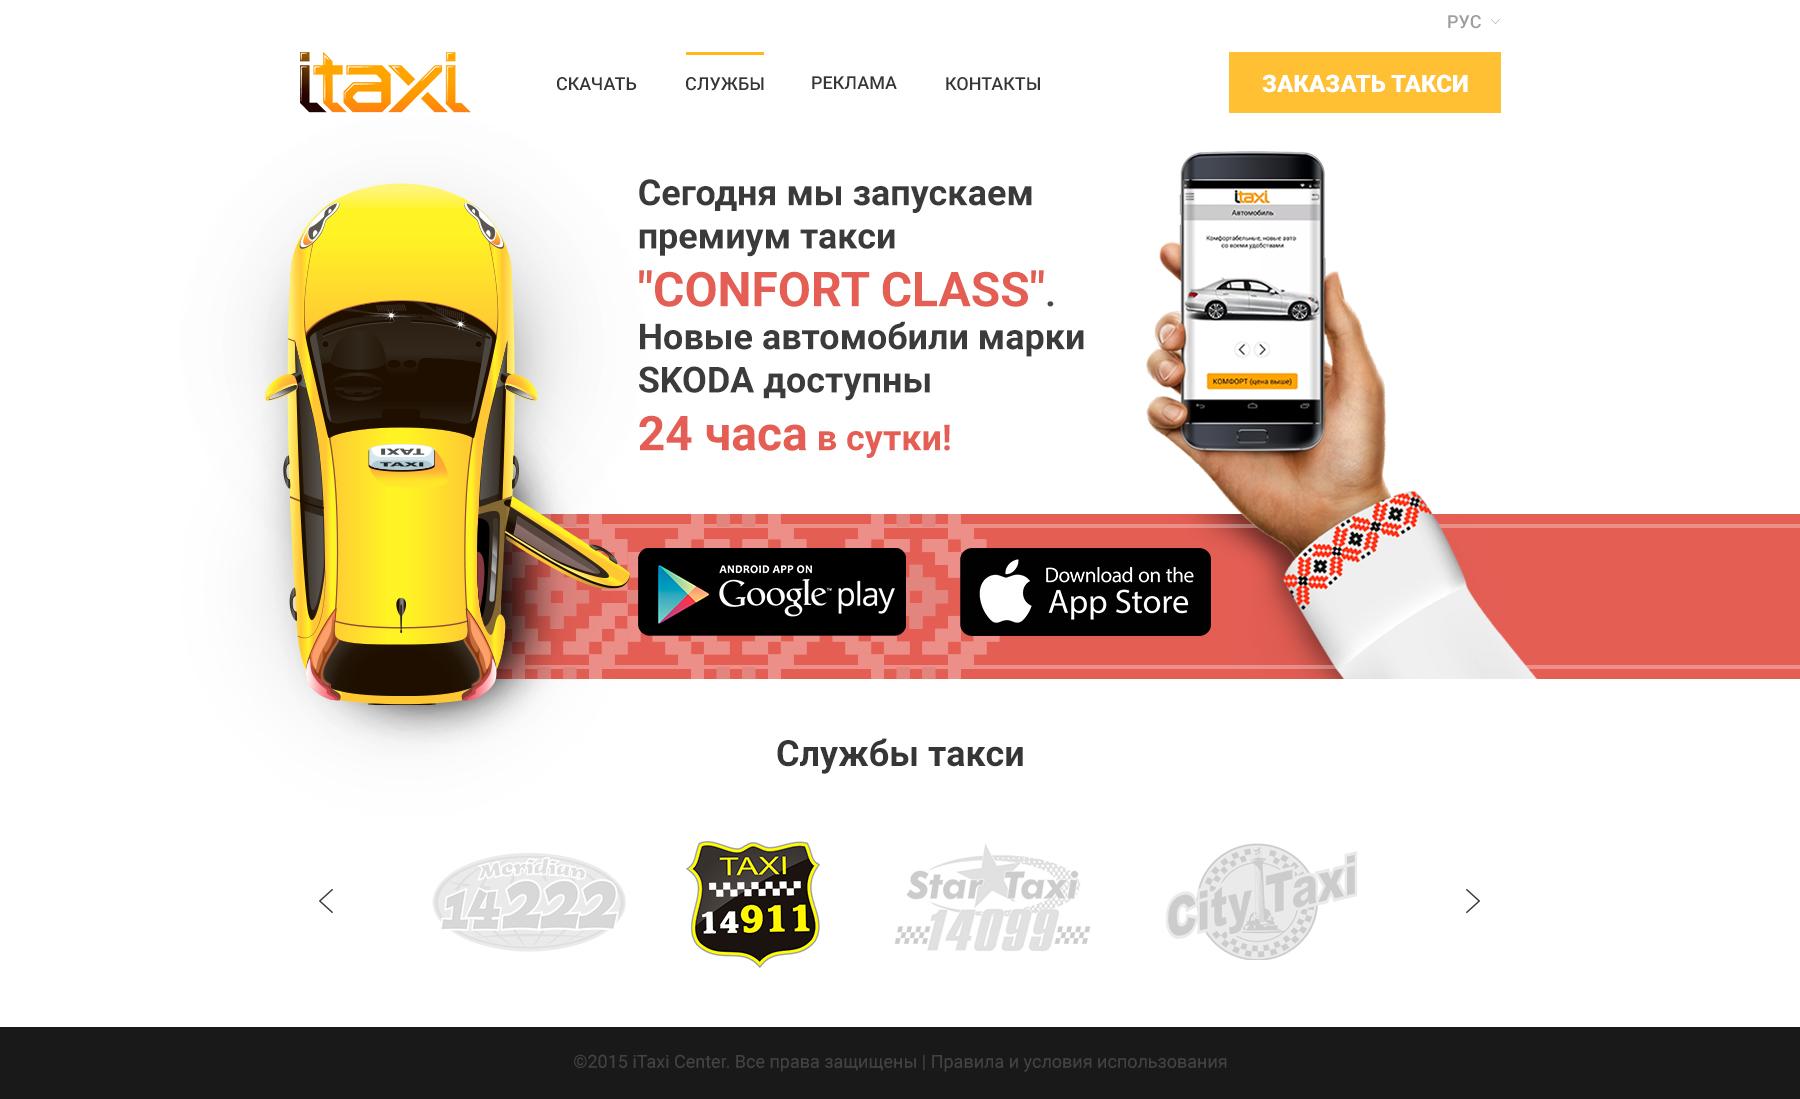 Редизайн сайта www.itaxi.md фото f_7565a0c273e77b24.jpg